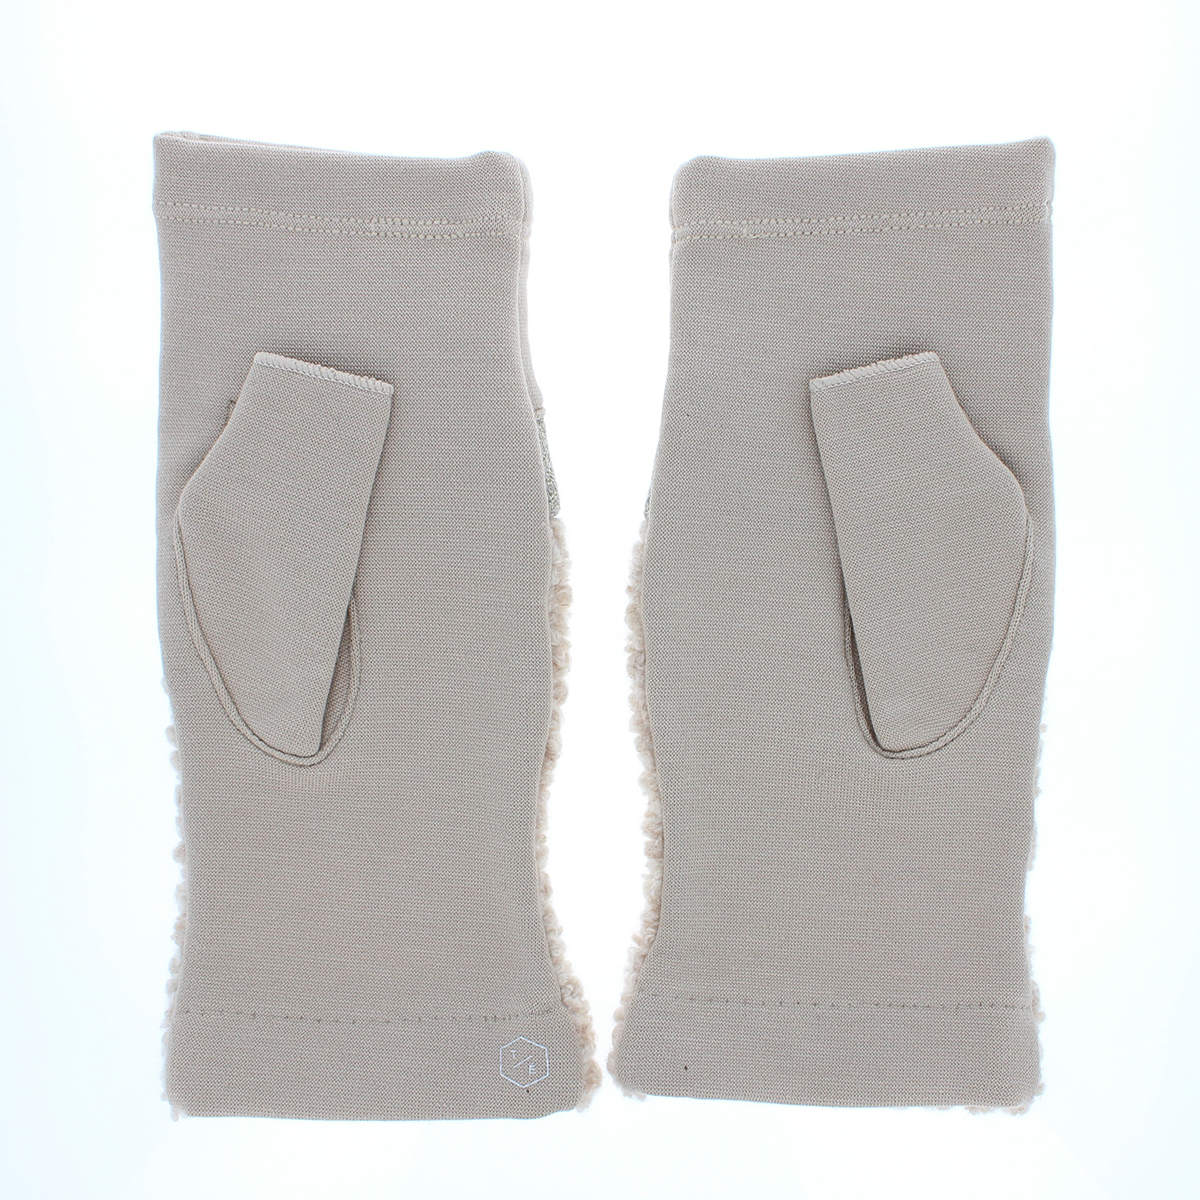 手袋 ボアとジャージ 切替デザイン 指なし ストレッチ素材  BIYUTE